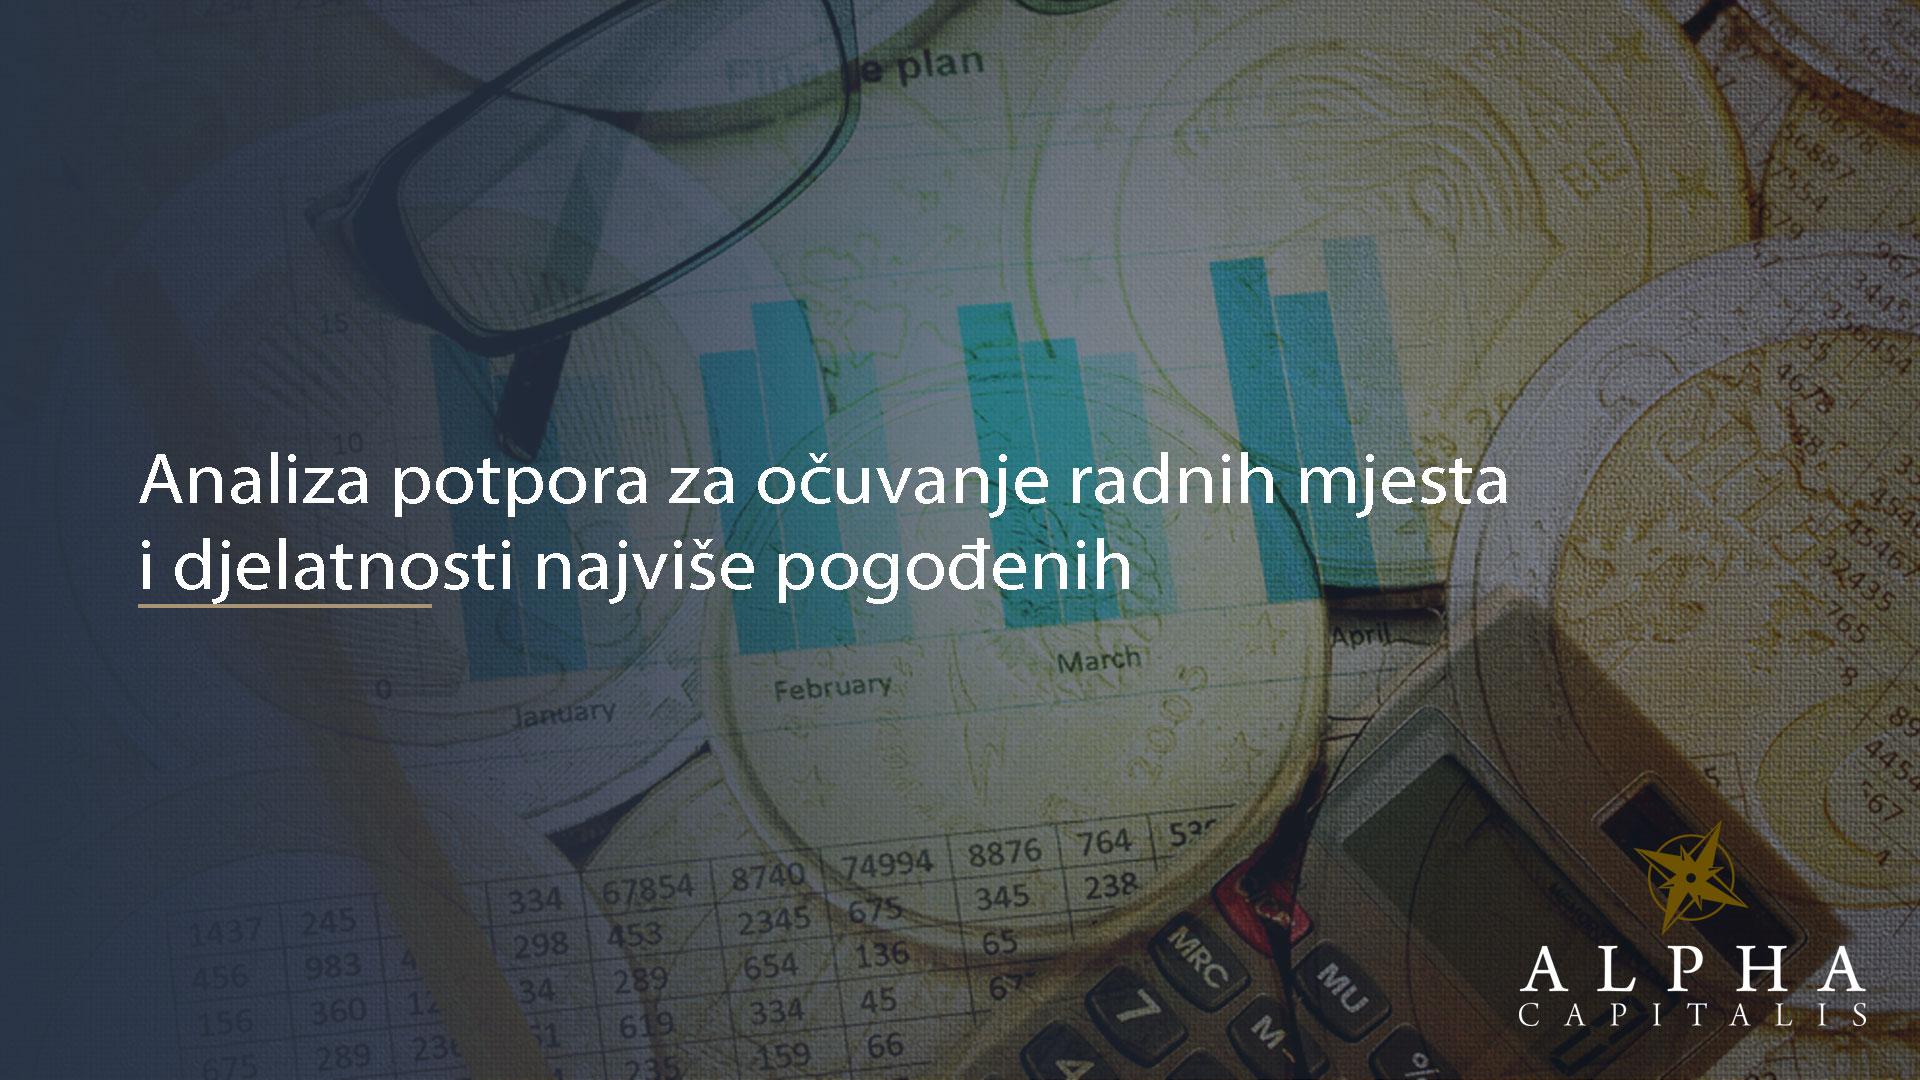 alpha-capitalis-novosti-Analiza-potpora-za-očuvanje-radnih-mjesta